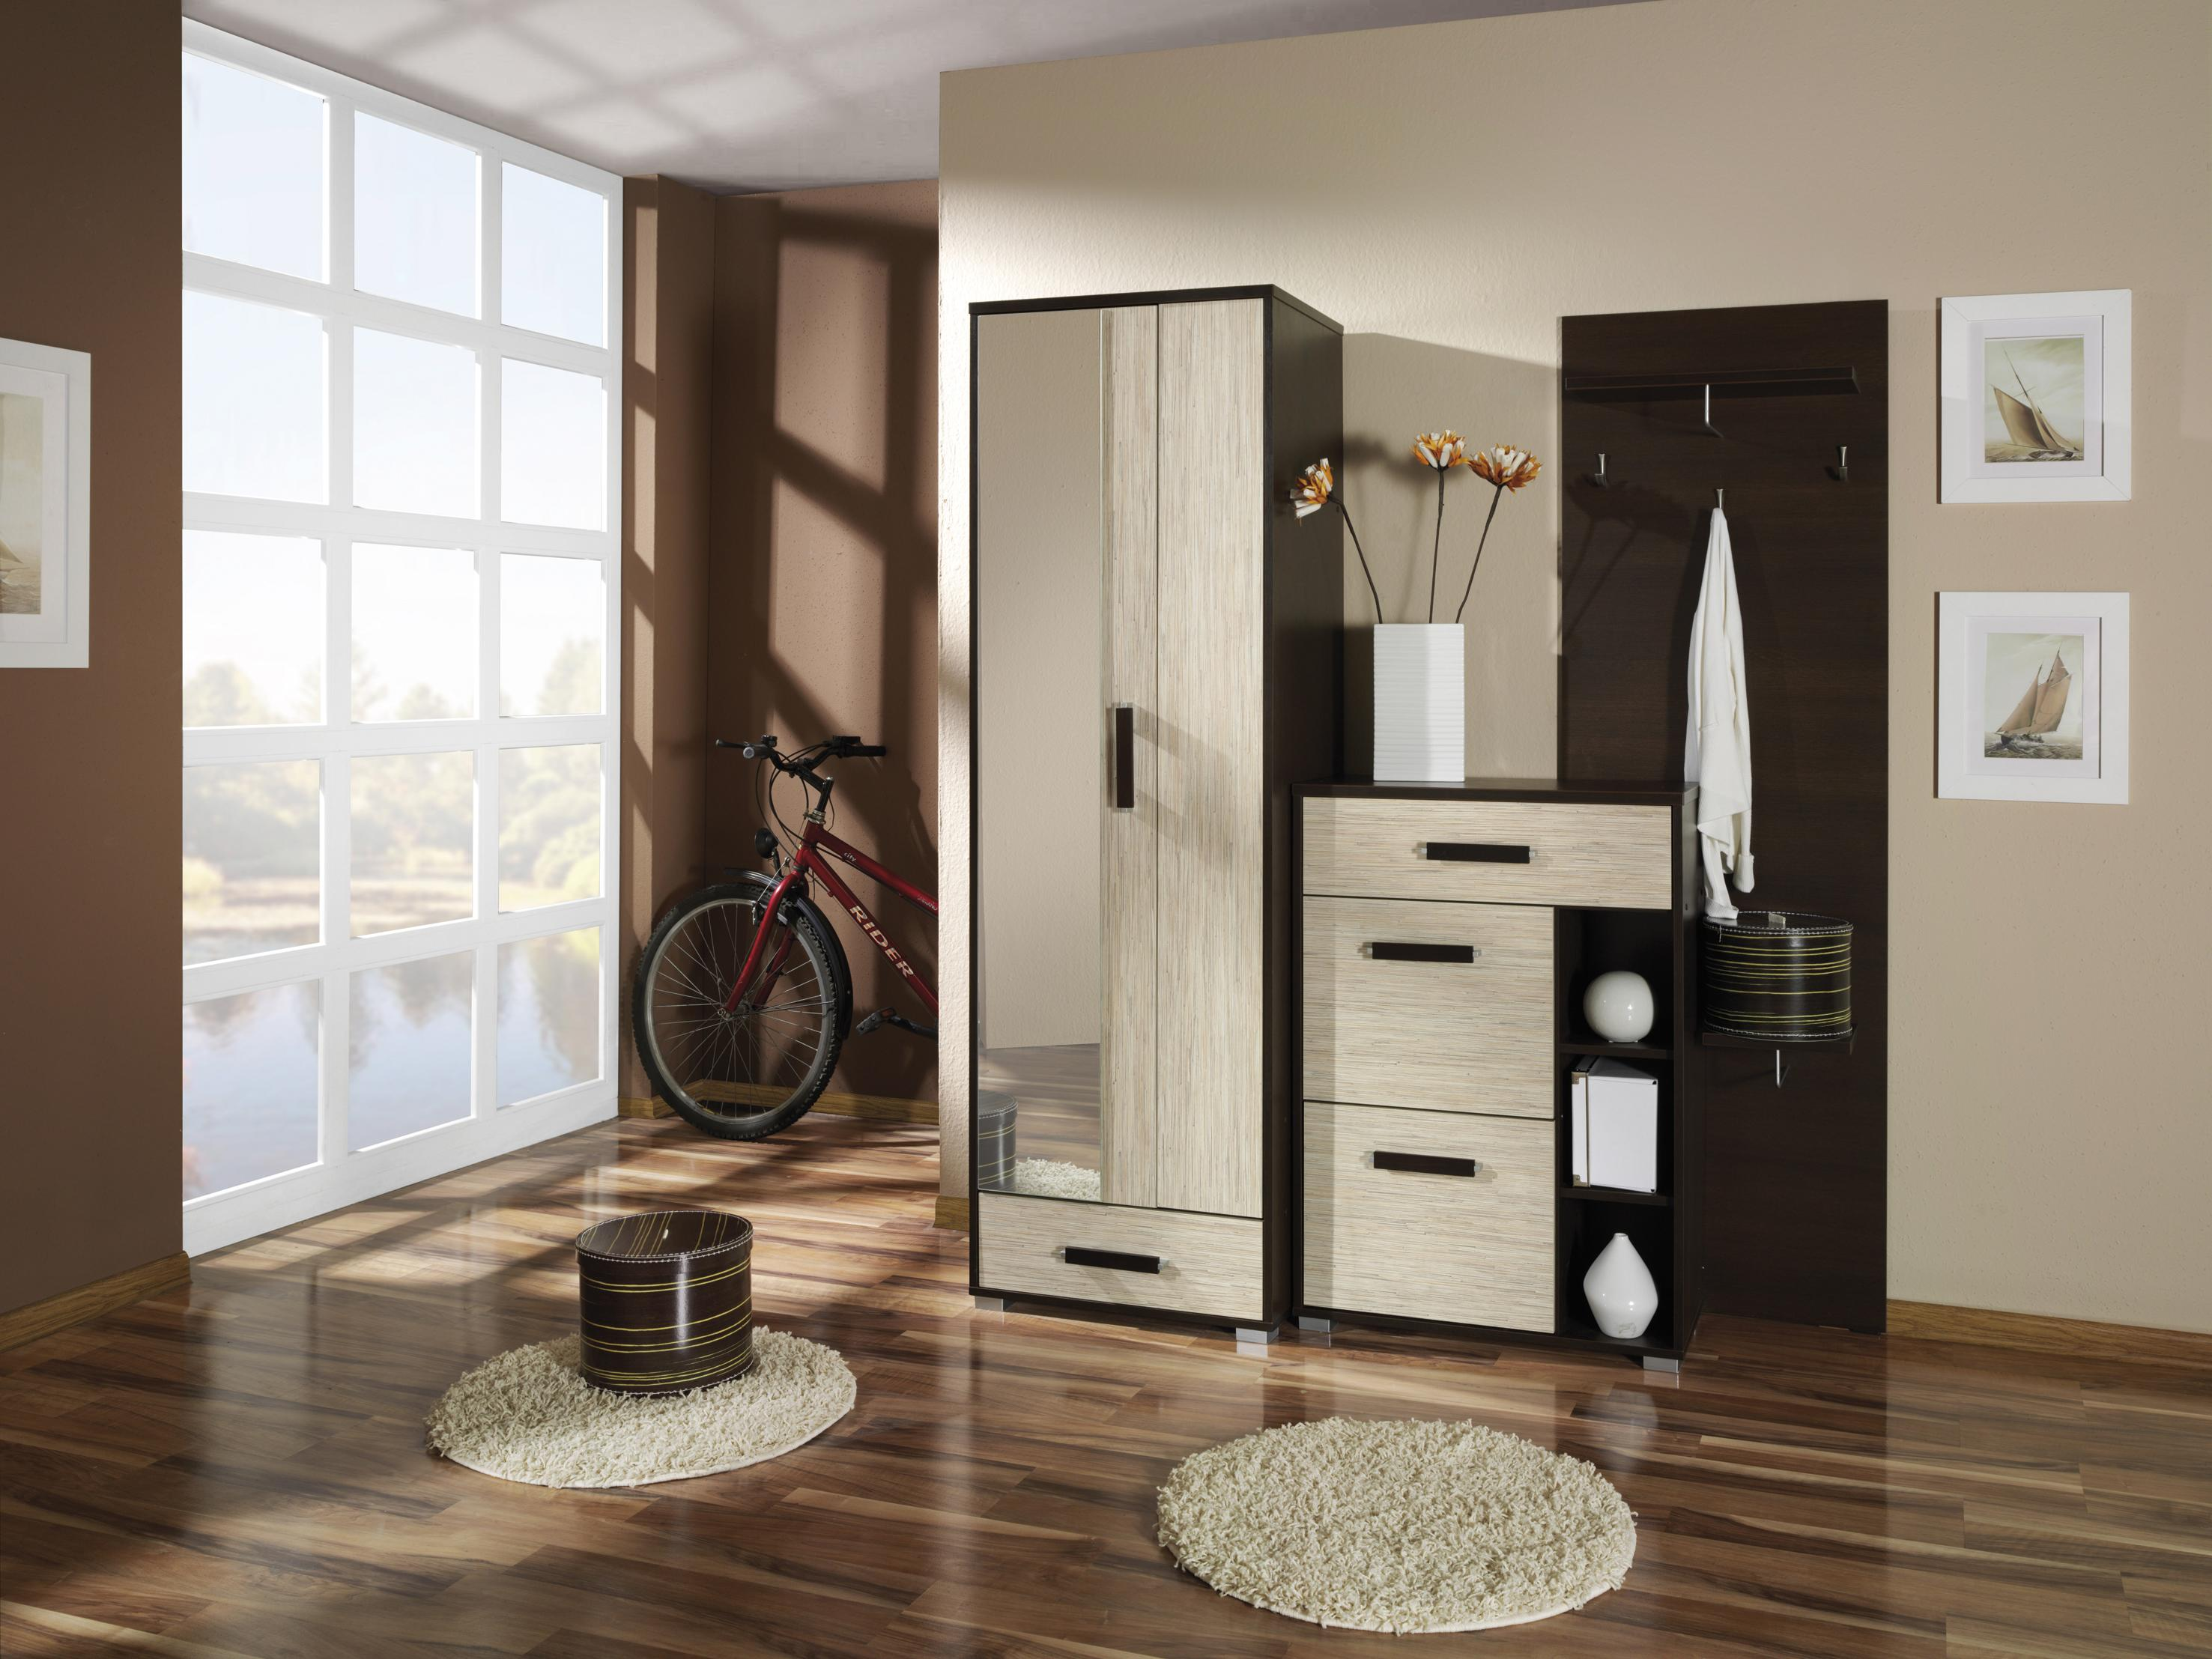 d3cb6fcd4b45 Predsieň je akousi vstupnou bránou do bytu alebo domu a práve ona má  možnosť spraviť dobrý prvý dojem na vašich hostí. Okrem toho by mala byť aj  praktická ...